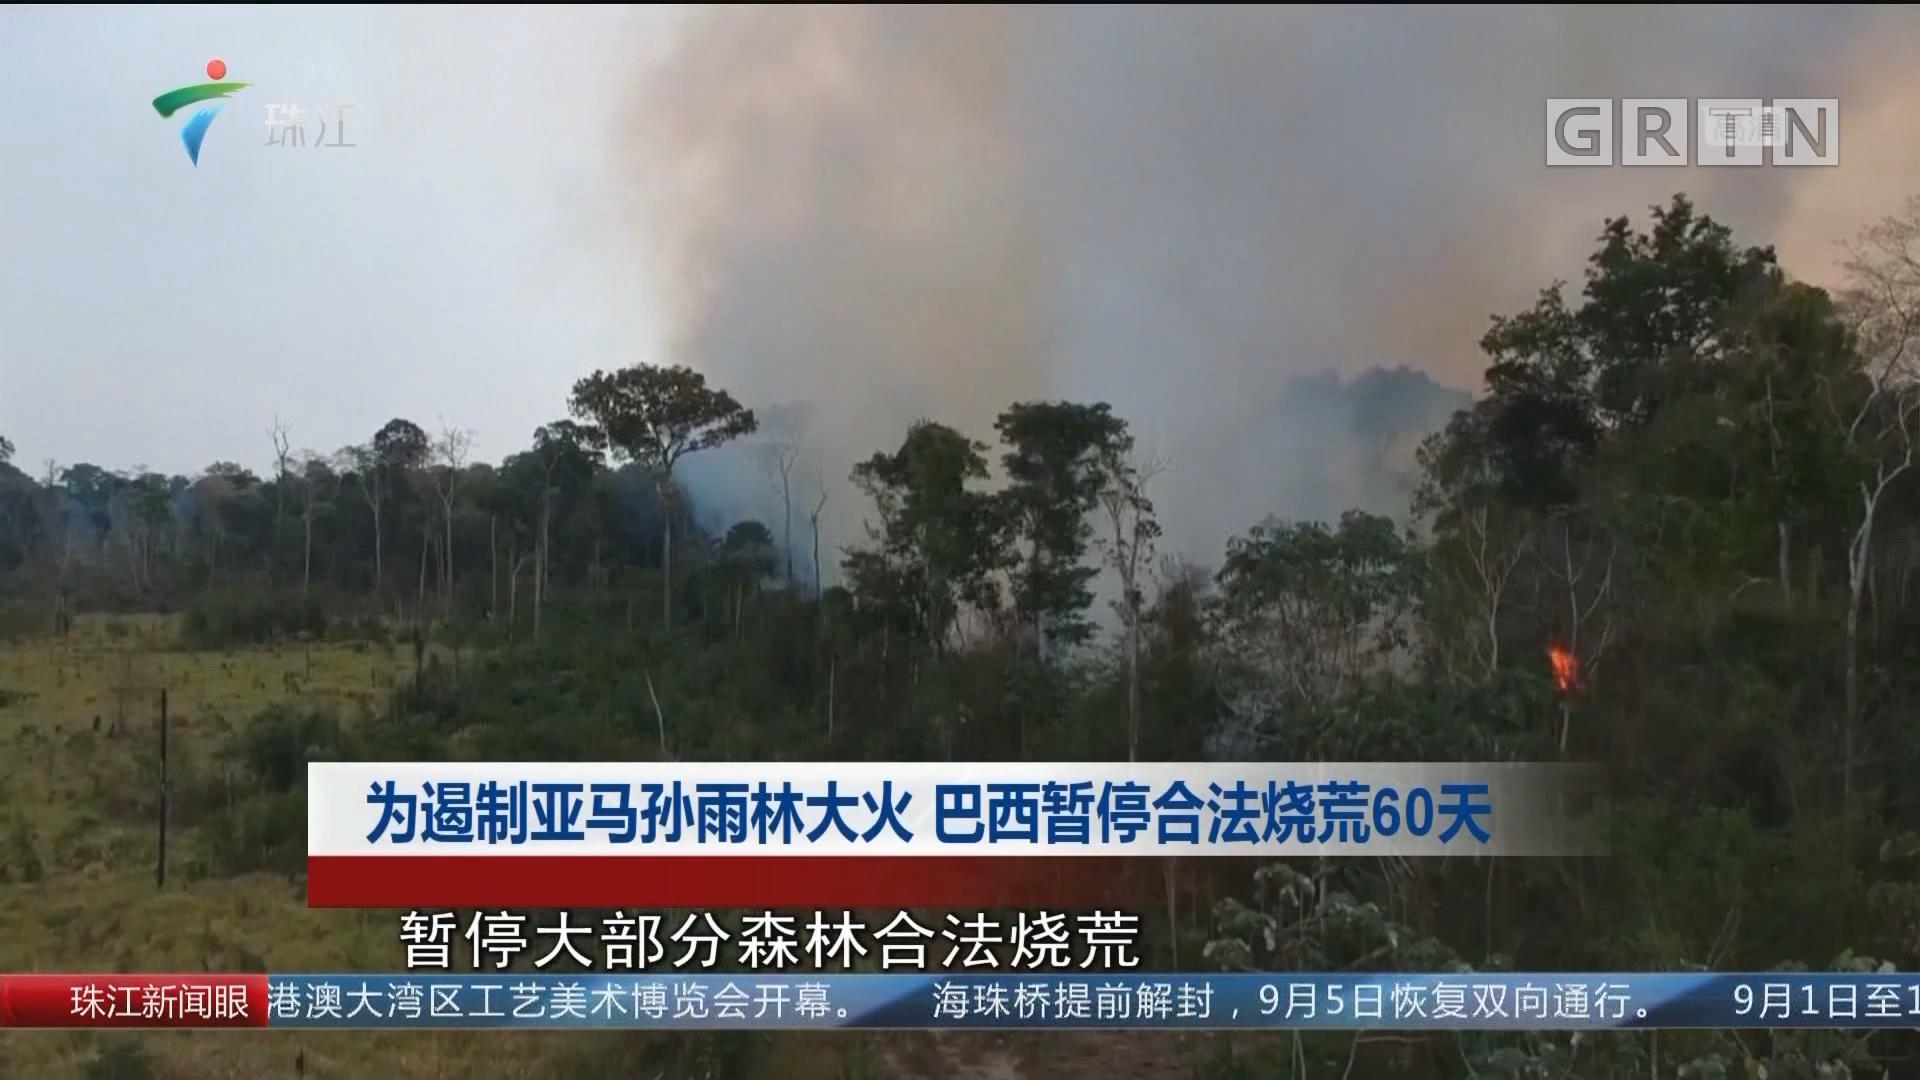 为遏制亚马孙雨林大火 巴西暂停合法烧荒60天